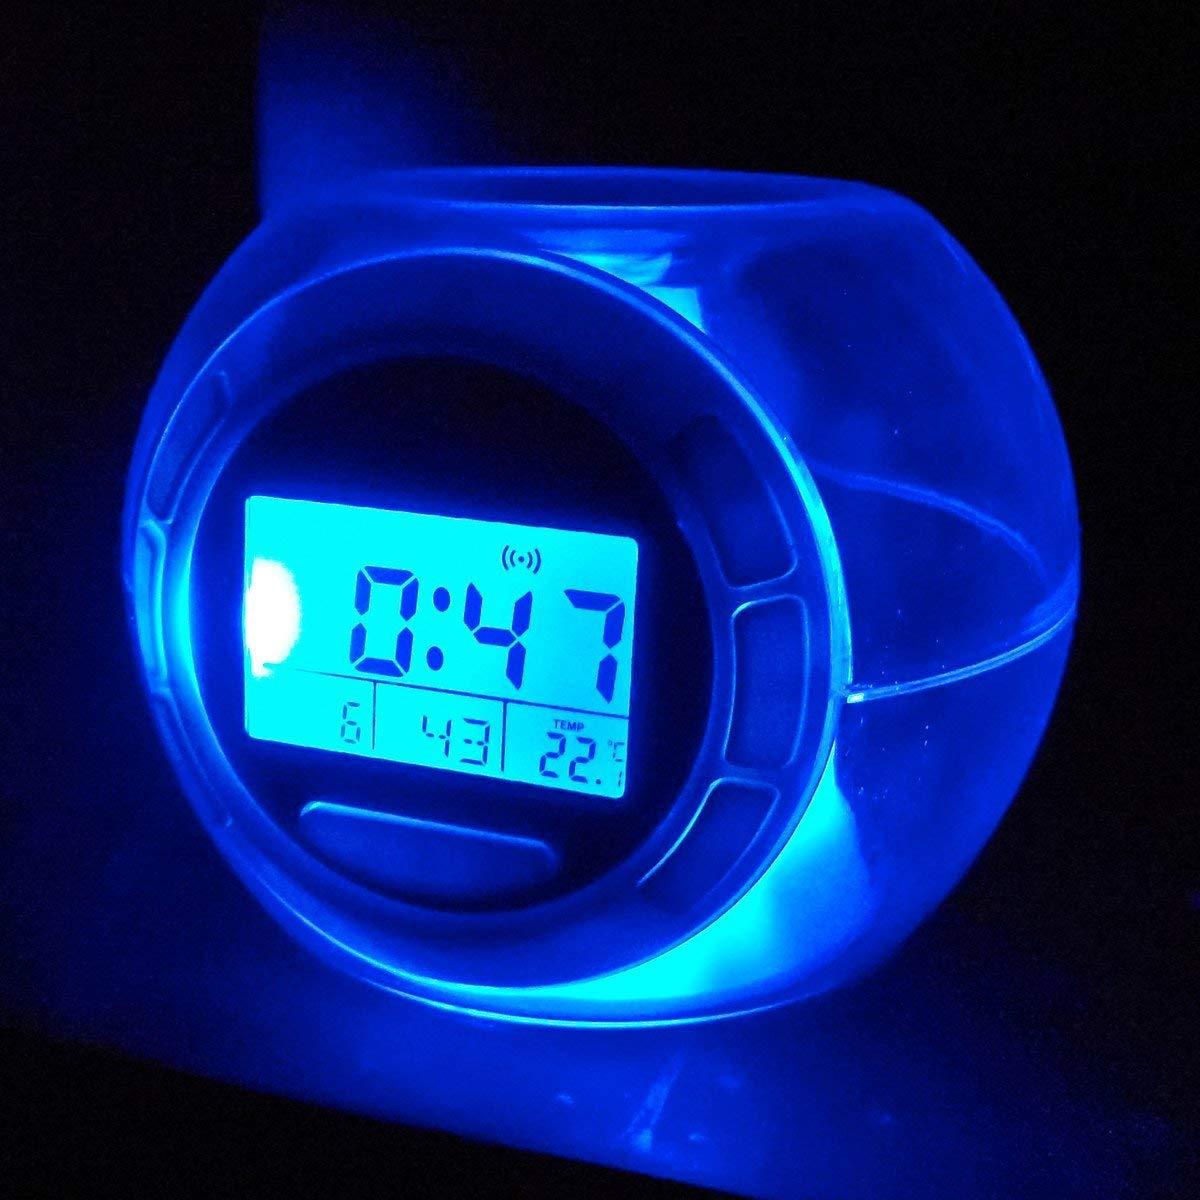 Jocca 1164 Reloj Despertador con Sonidos Naturales y Luz, Blanco ...